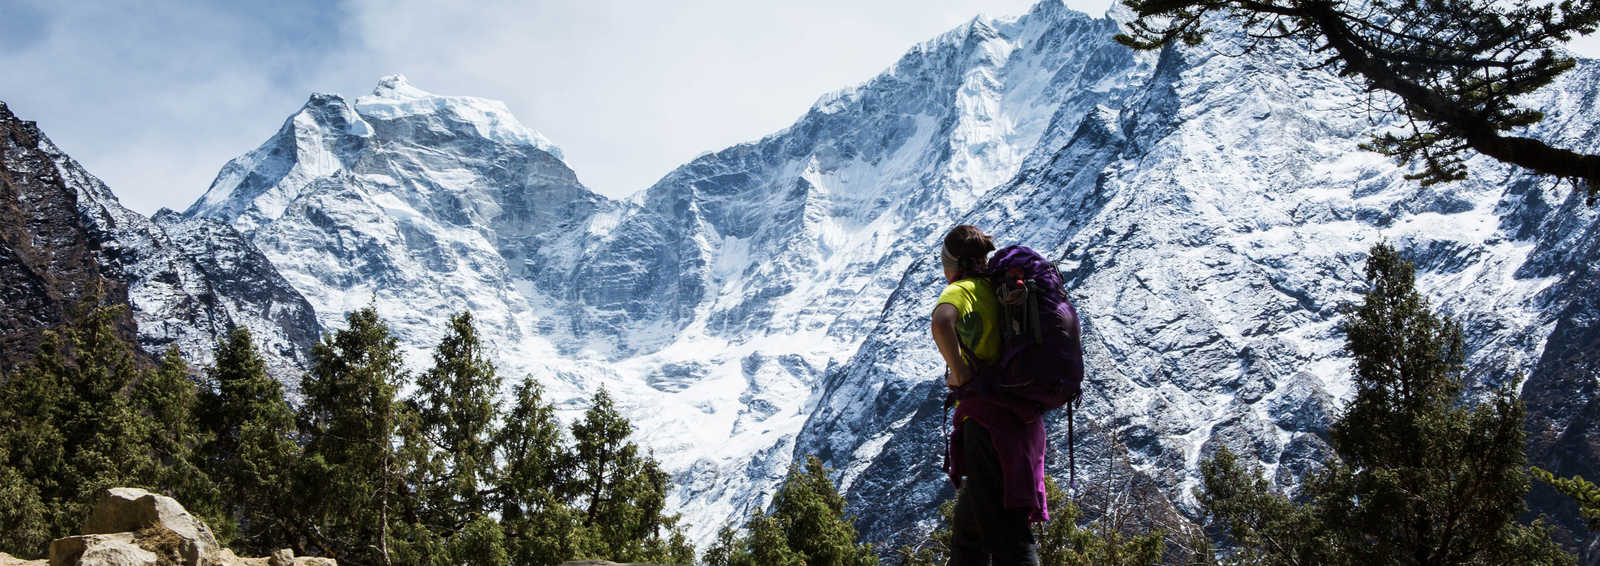 Walking in the Everest Region